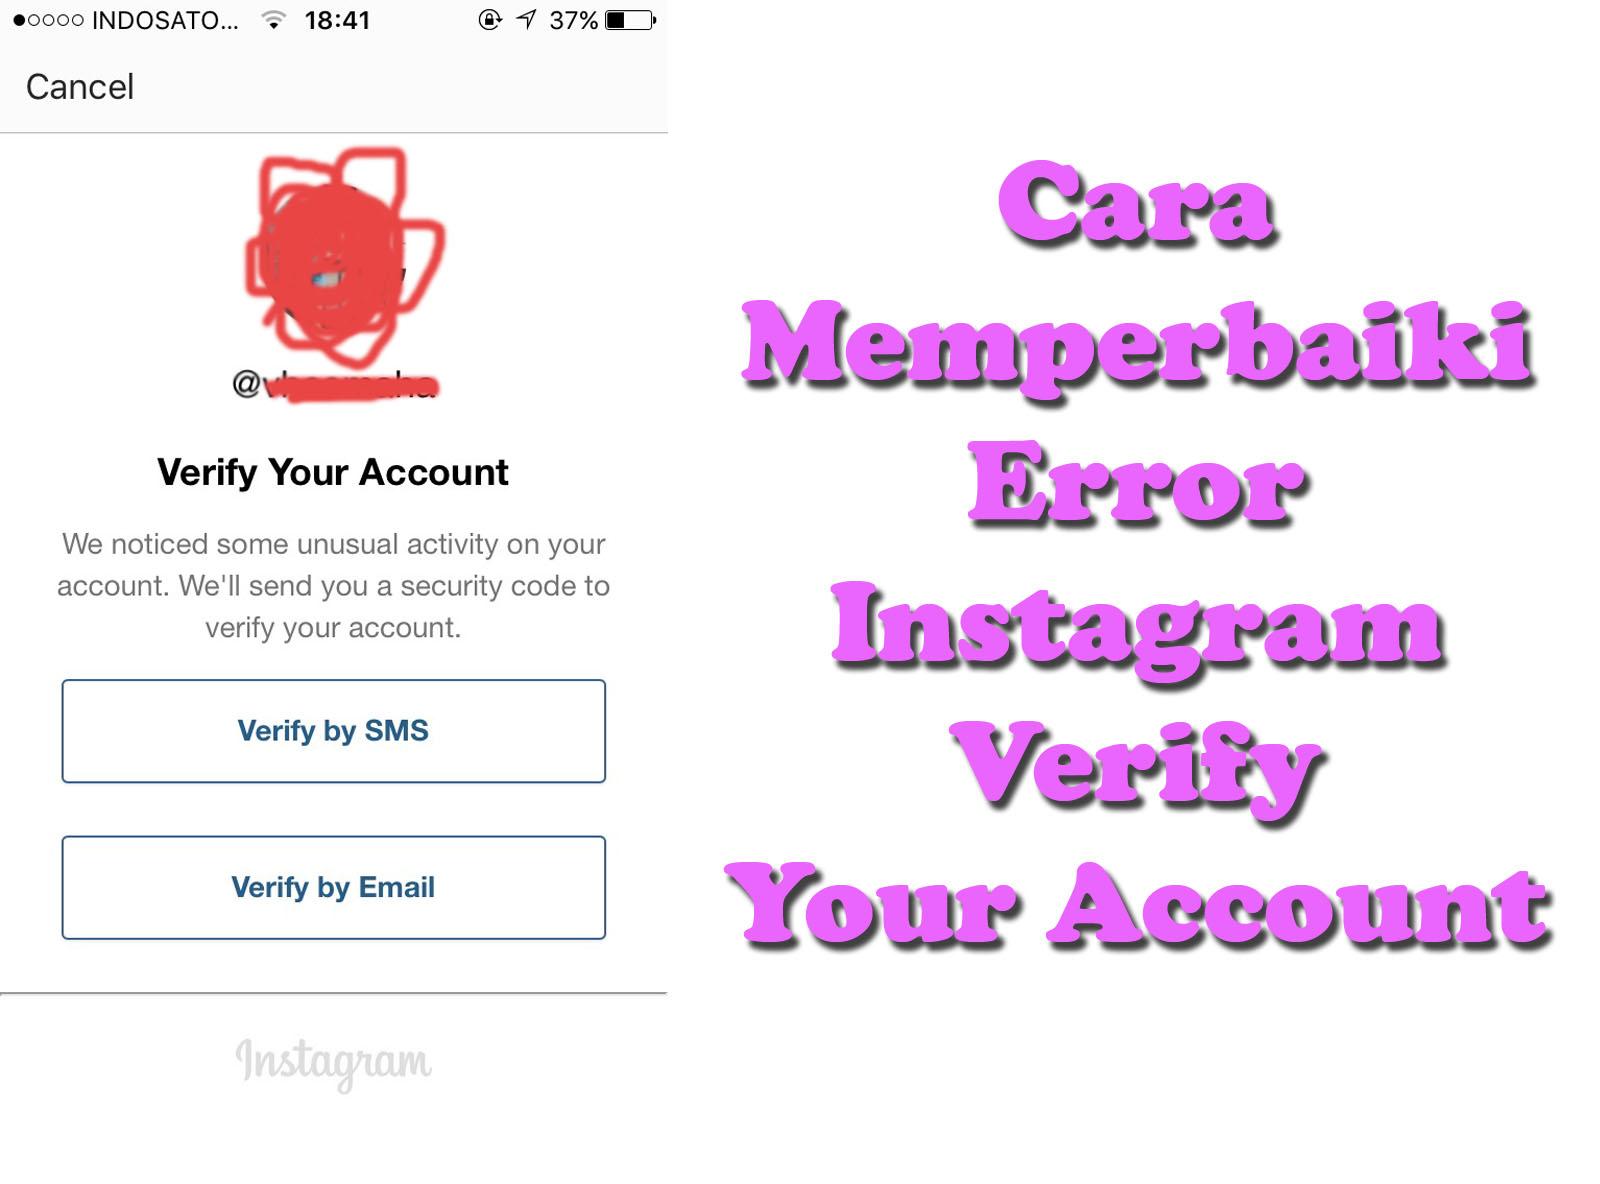 Cara Memperbaiki Error Instagram Verify Your Account Ardnesia